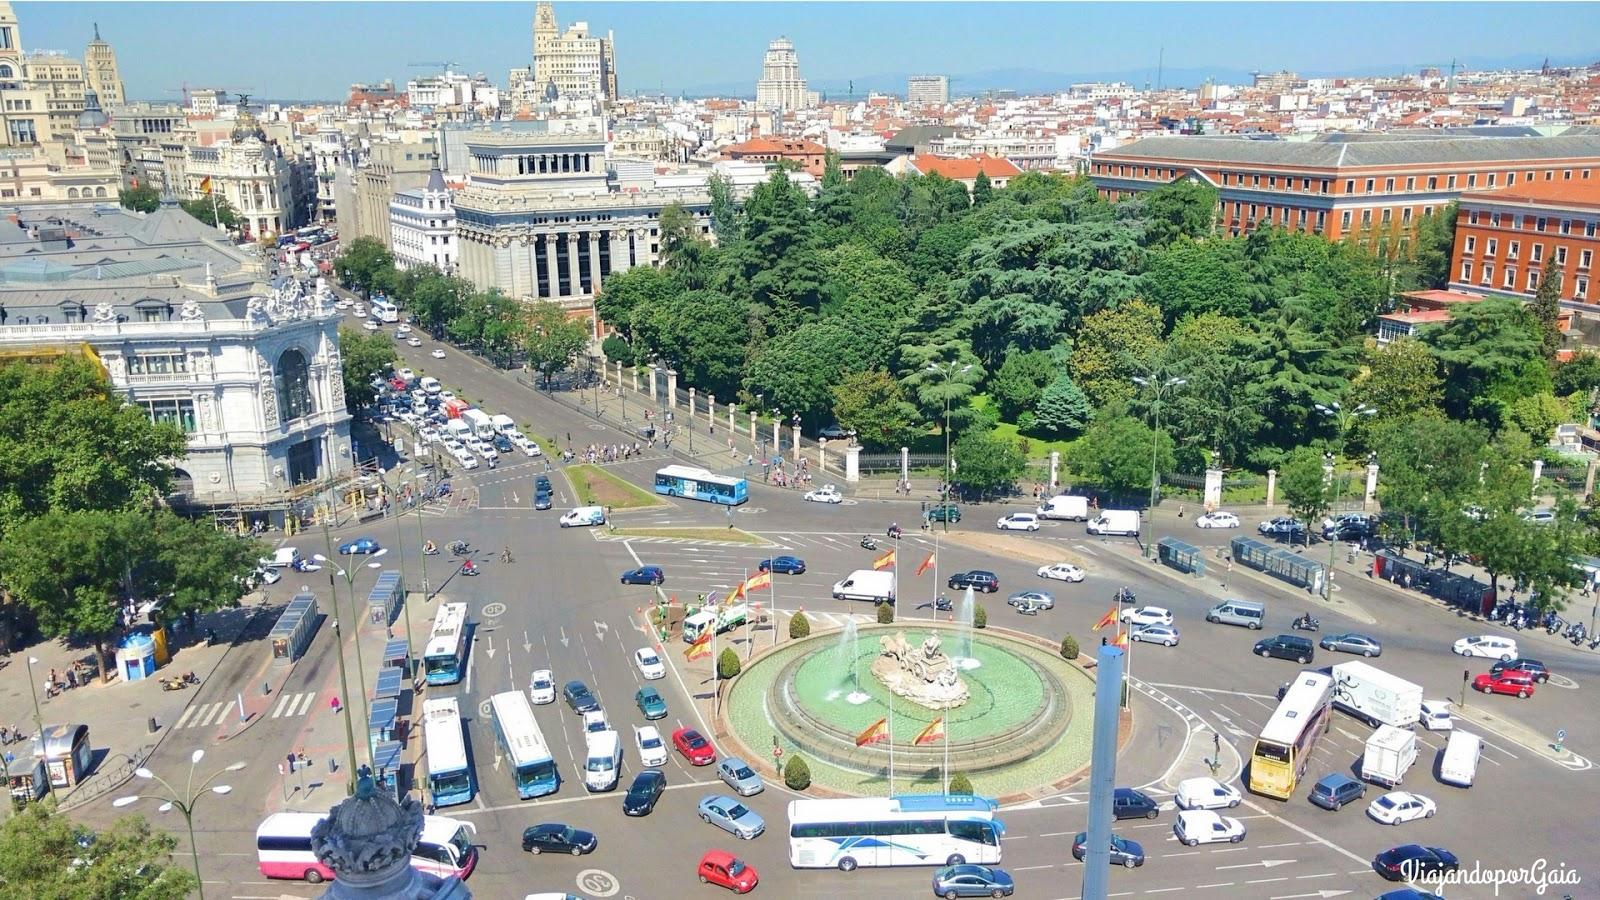 Panorámicas de Madrid desde las alturas: vista desde el Teleférico y desde el mirador del Palacio de Comunicaciones hacia la Fuente de Cibeles